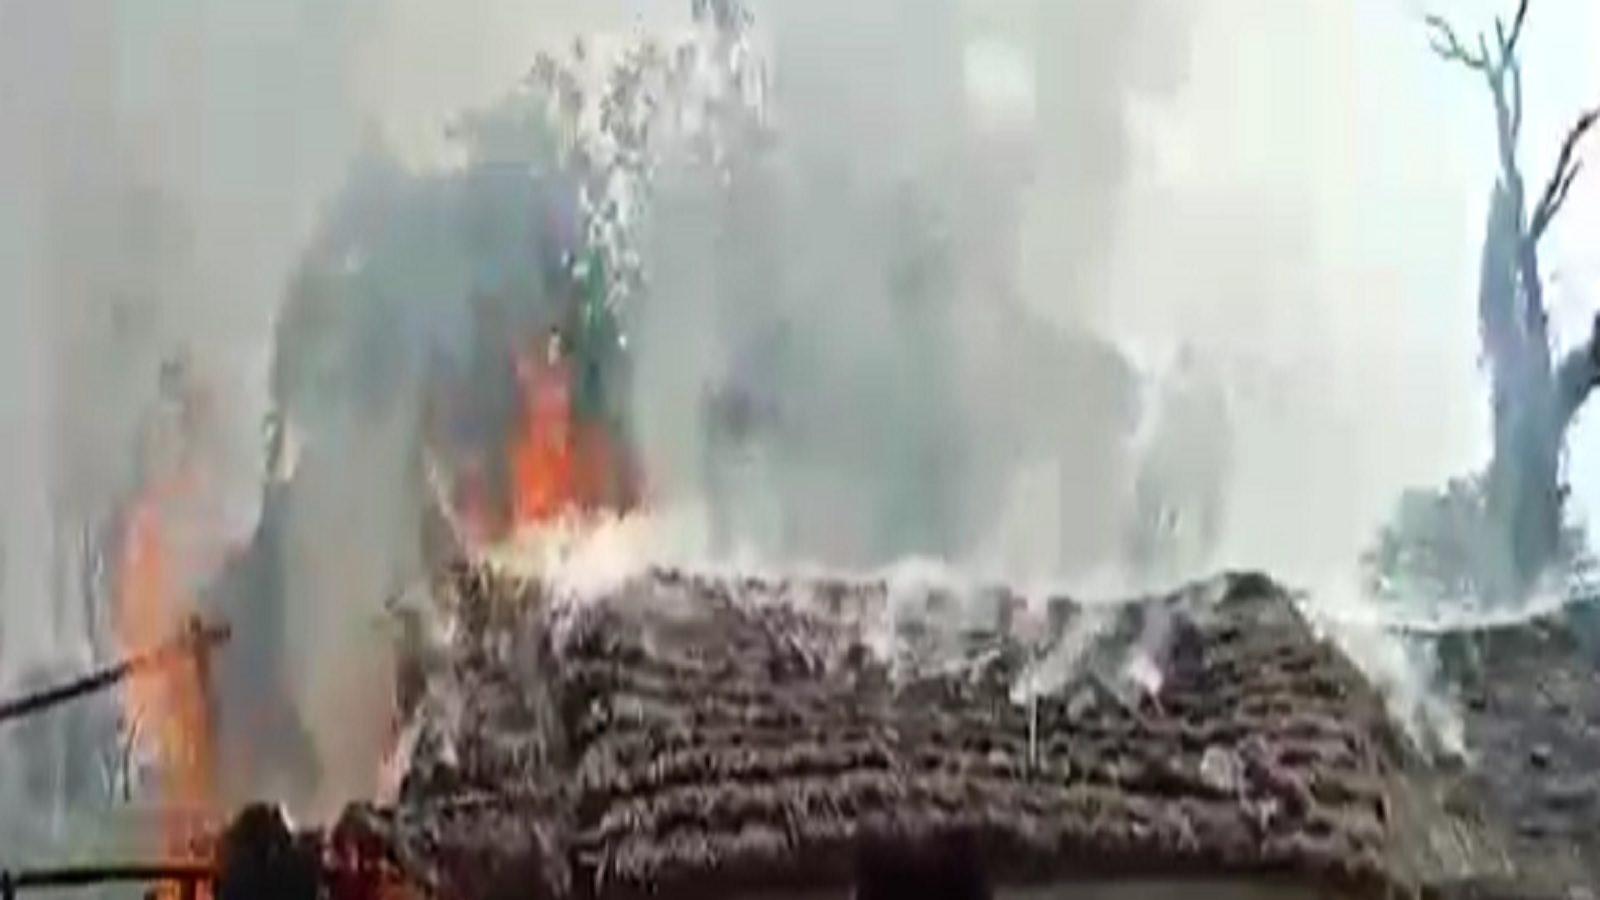 बस्ती: दबंगों का कहर, गरीब परिवार को जमकर पीटा, झोपड़ी फूंकी, 20 के खिलाफ FIR